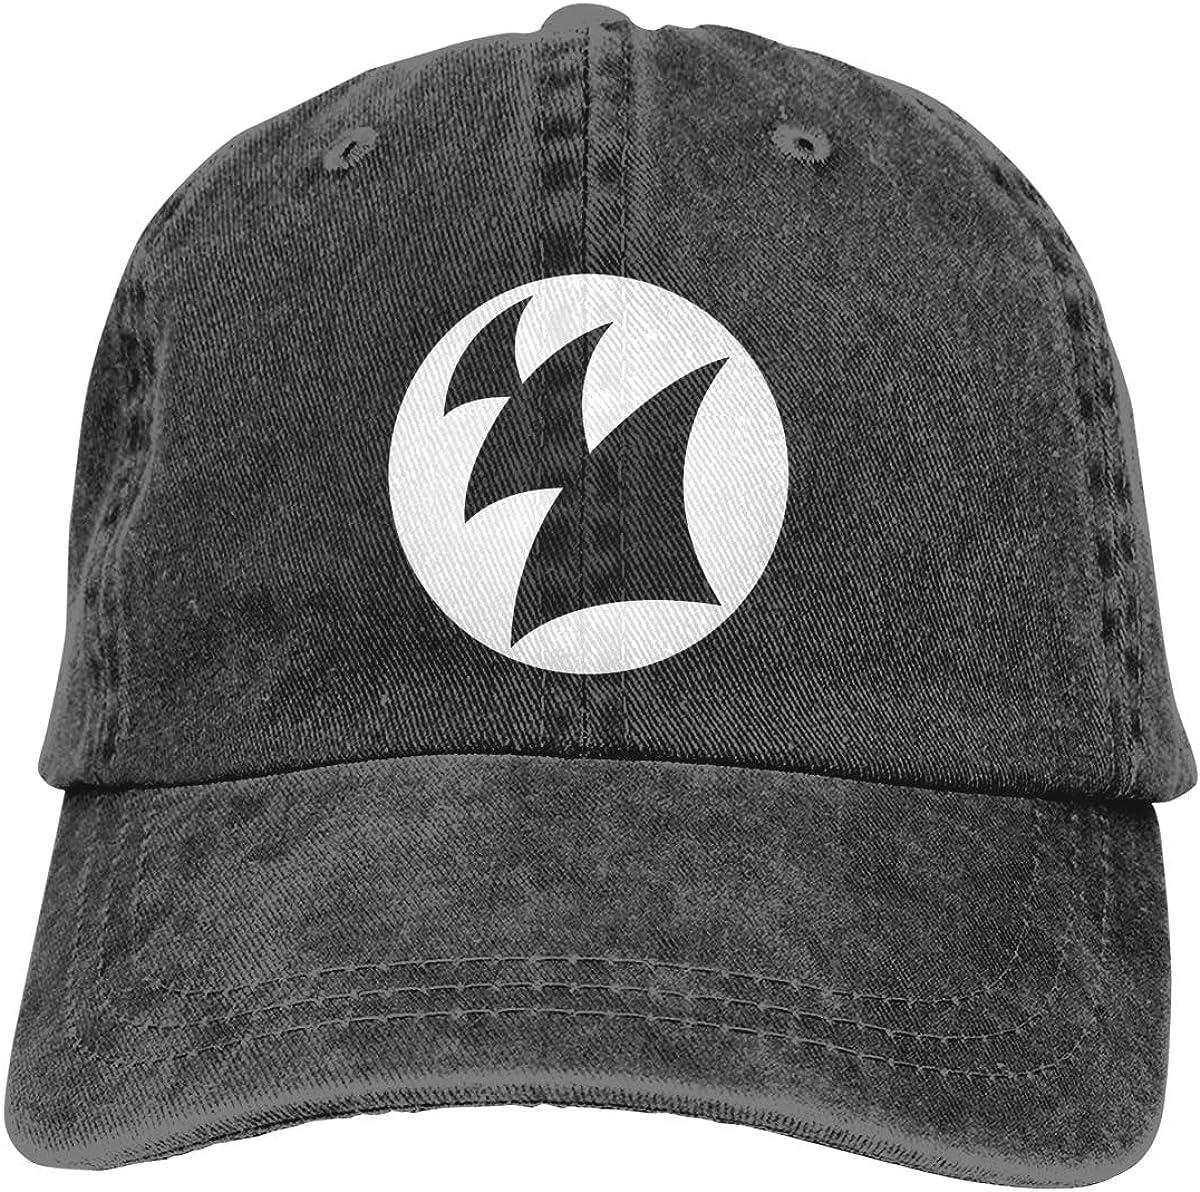 Armin Van Buuren Caps Sports Trucker Caps Pattern Strapback Hat for Men//Women